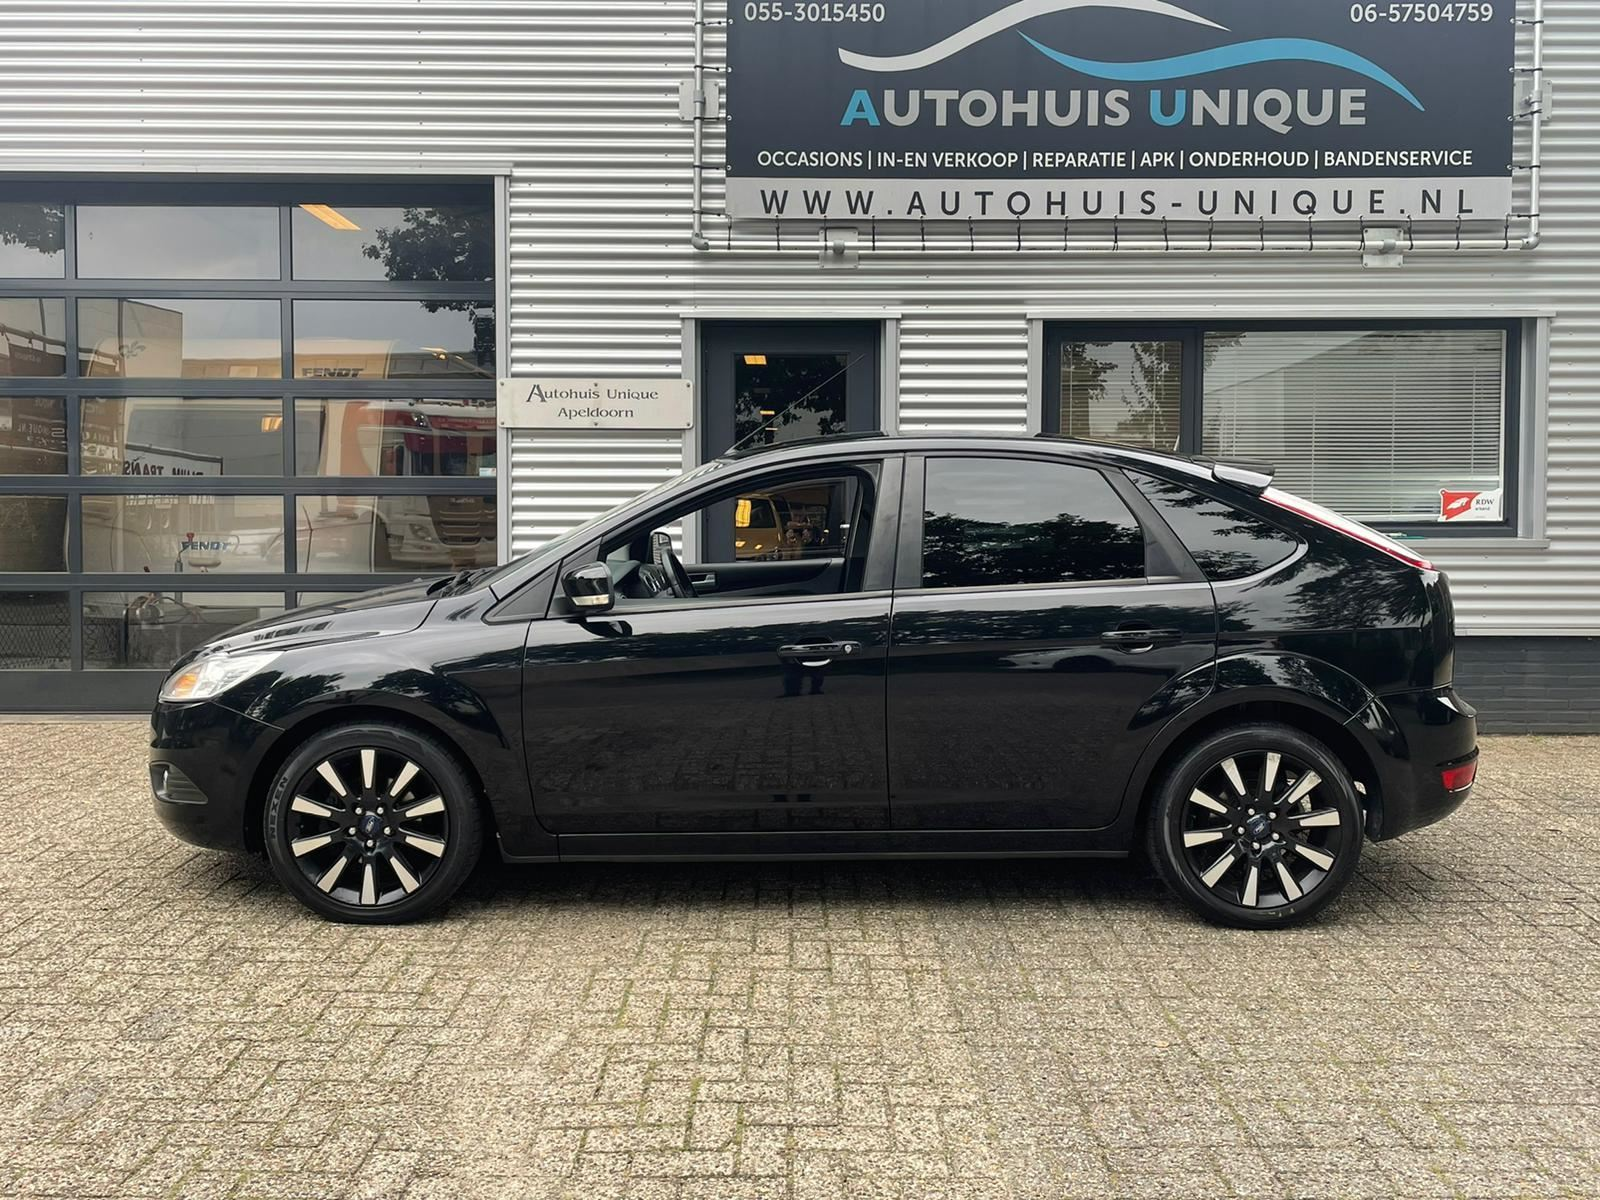 Ford Focus occasion - Autohuis Unique